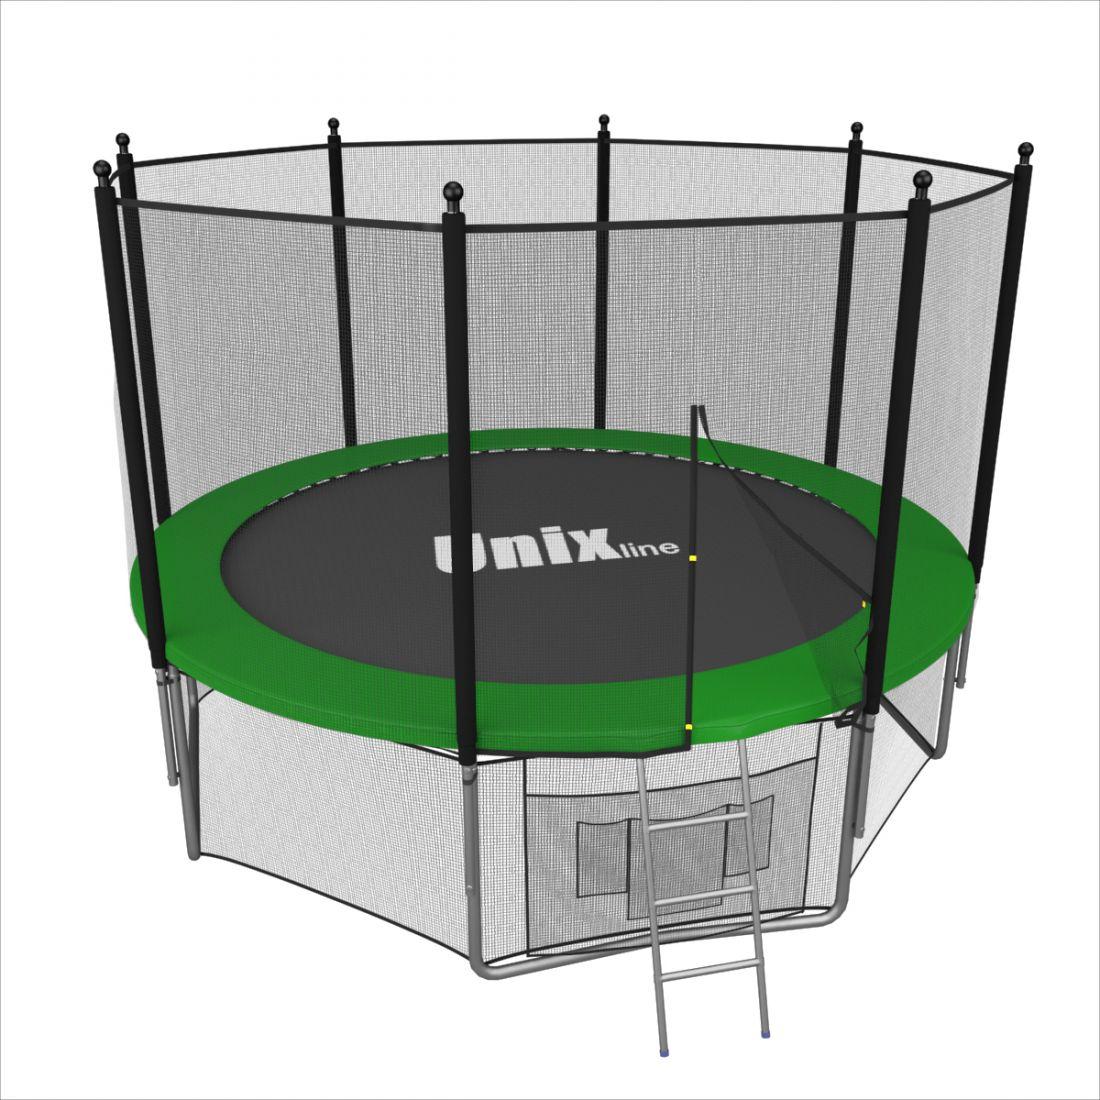 Батут с внешней защитной сеткой - Unix Line 6FT (1,82м), цвет зеленый